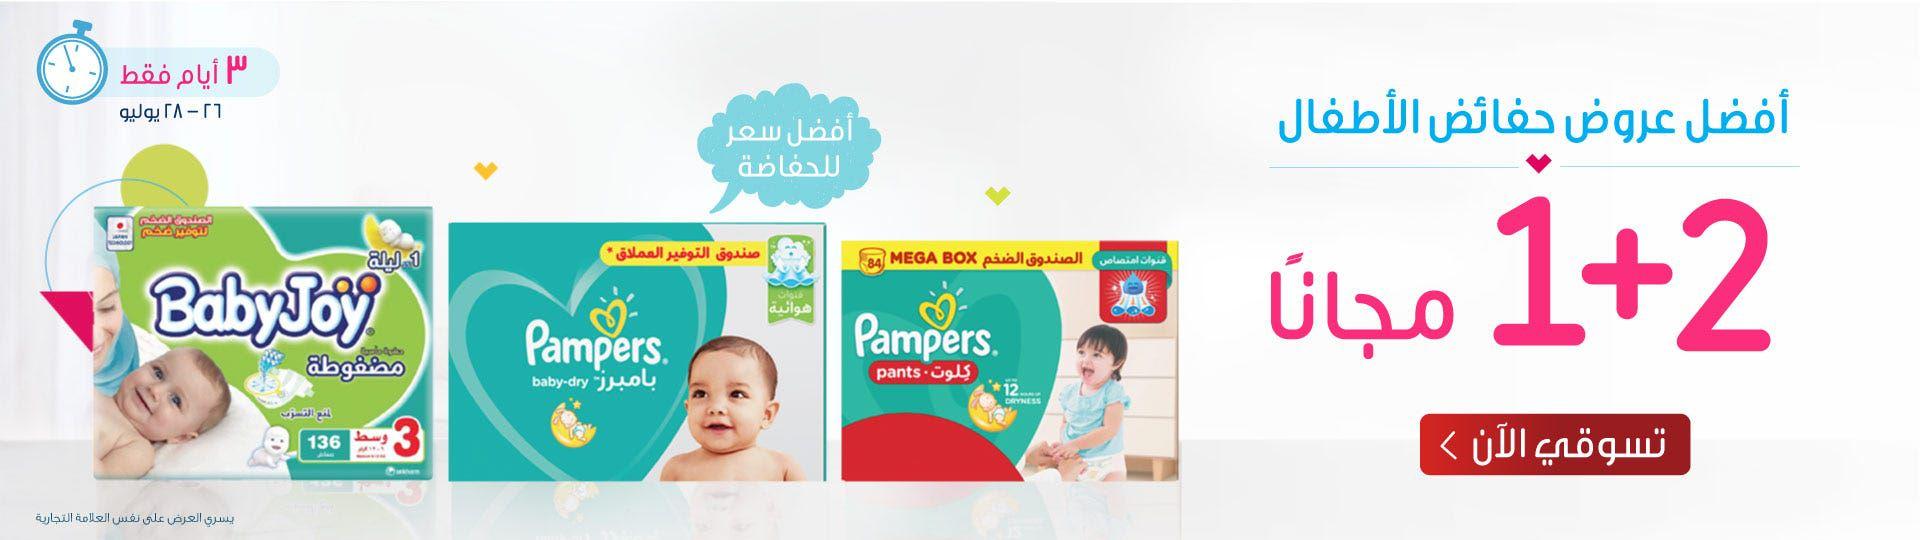 عروض صيدلية النهدي علي حفاضات الطفل